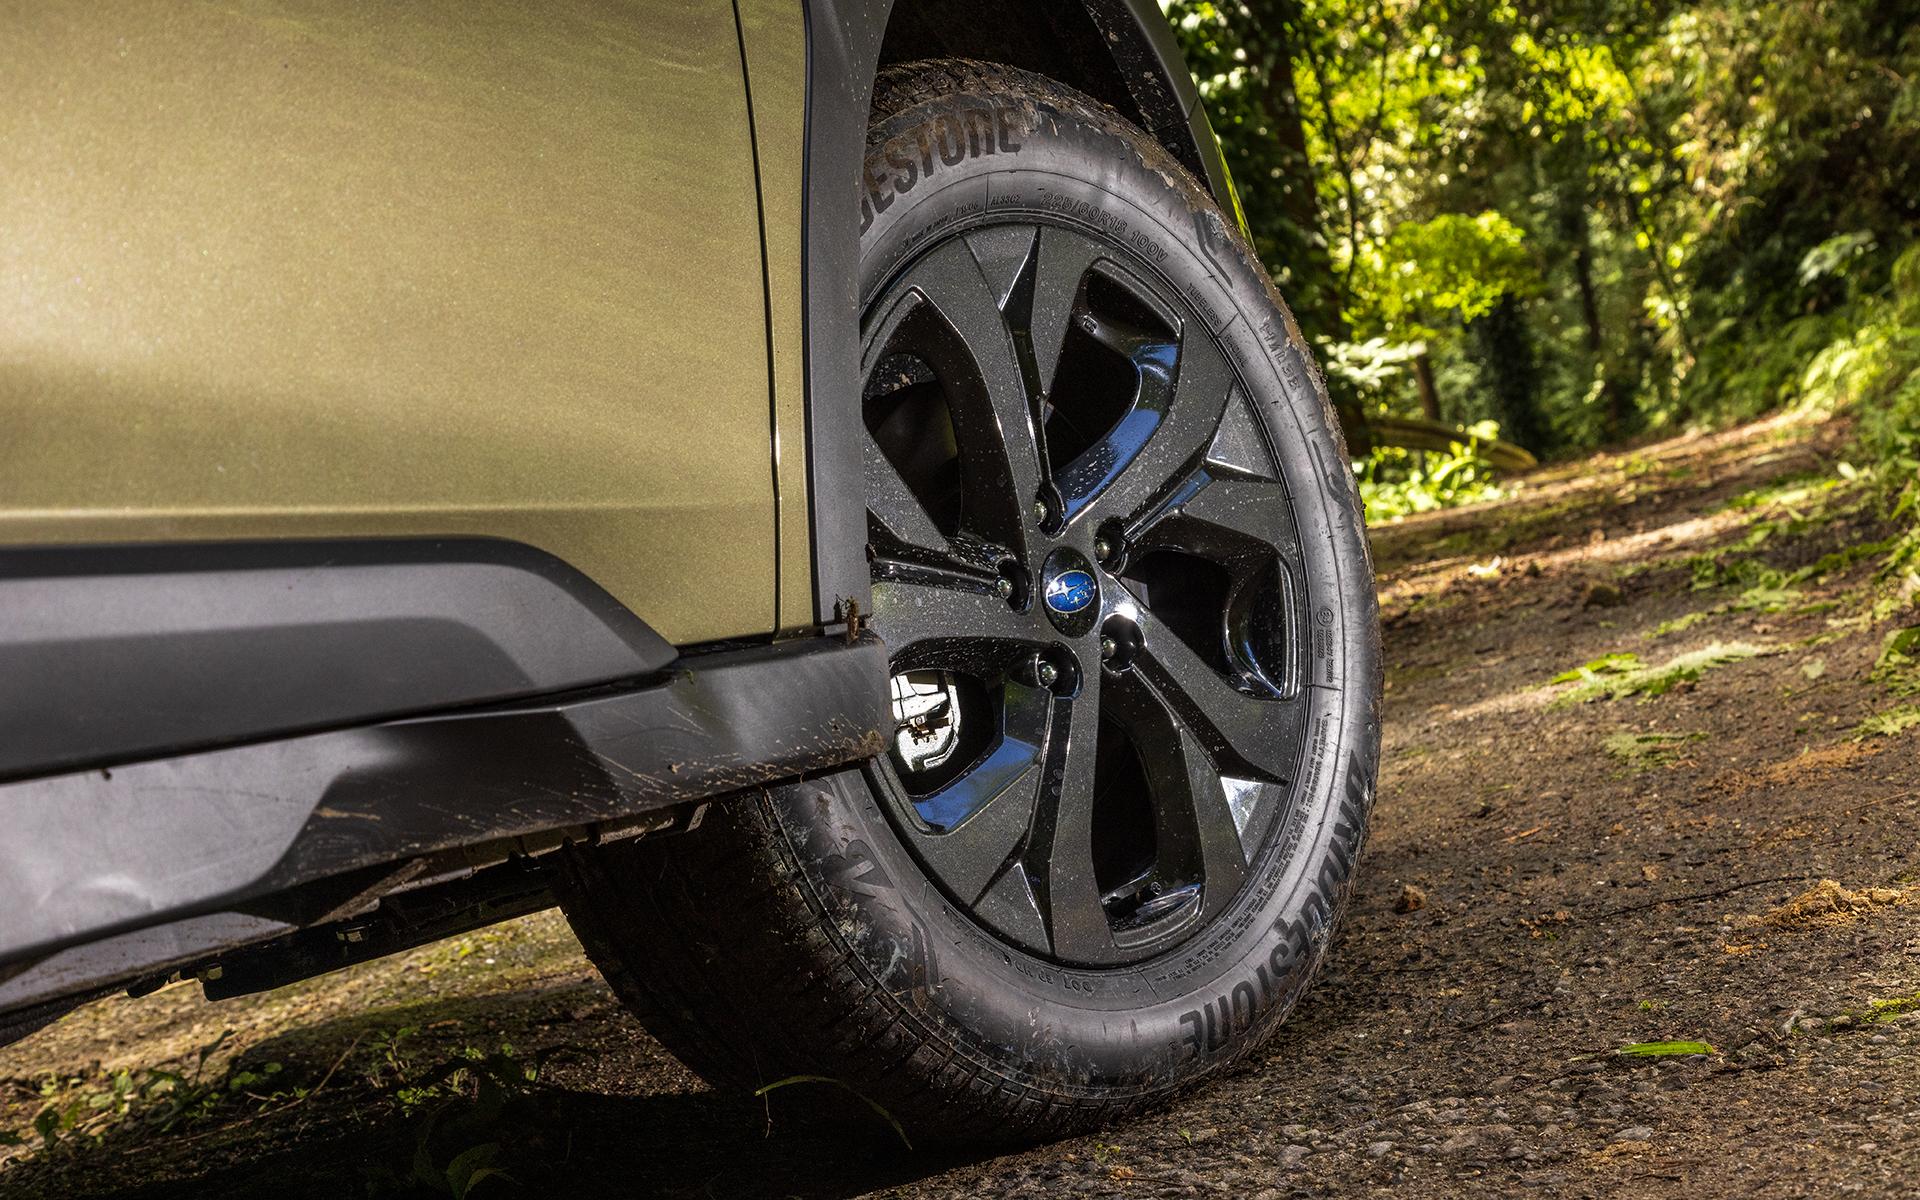 タイヤサイズはLimited EXと同じ225/60R18。アルミホイールはブラック塗装になる